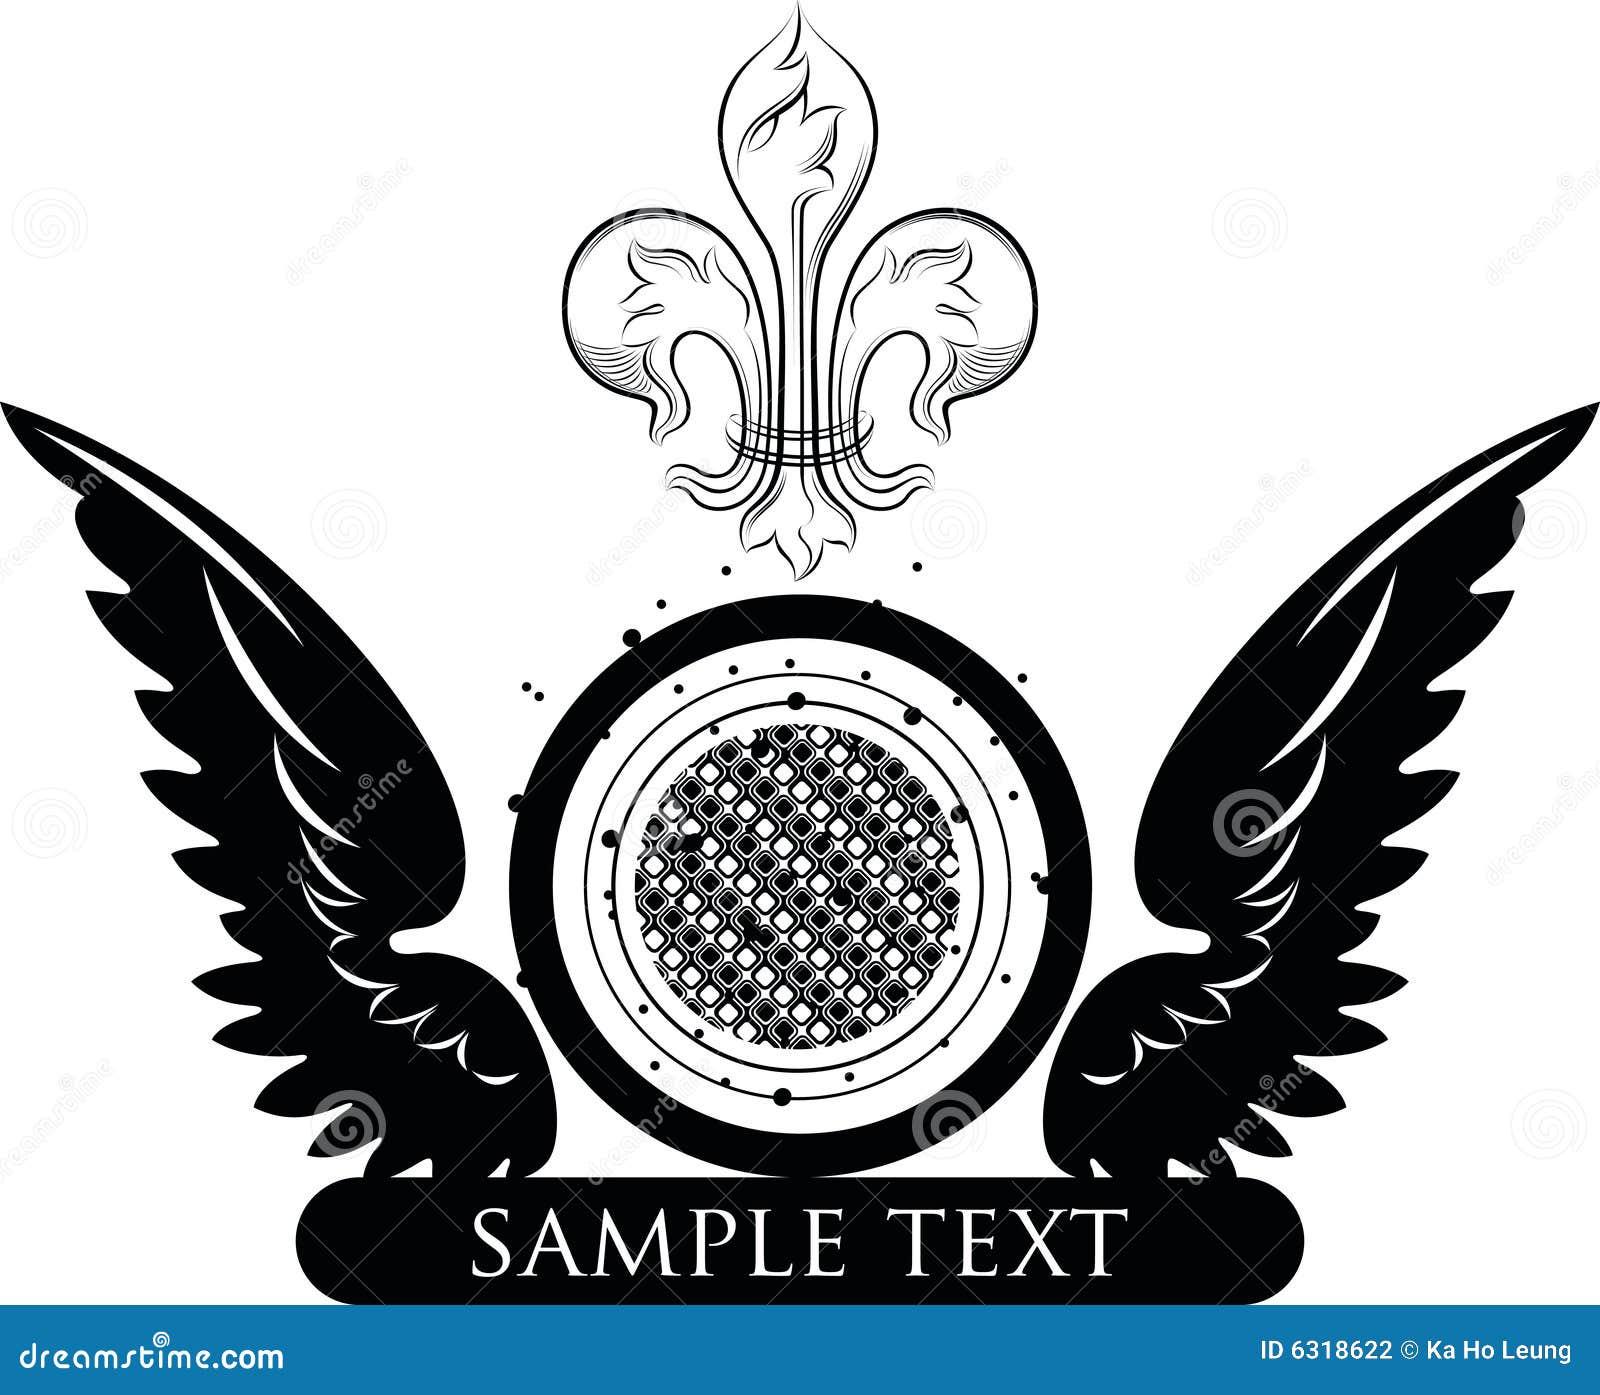 logo with emblem design stock illustration illustration of emblem